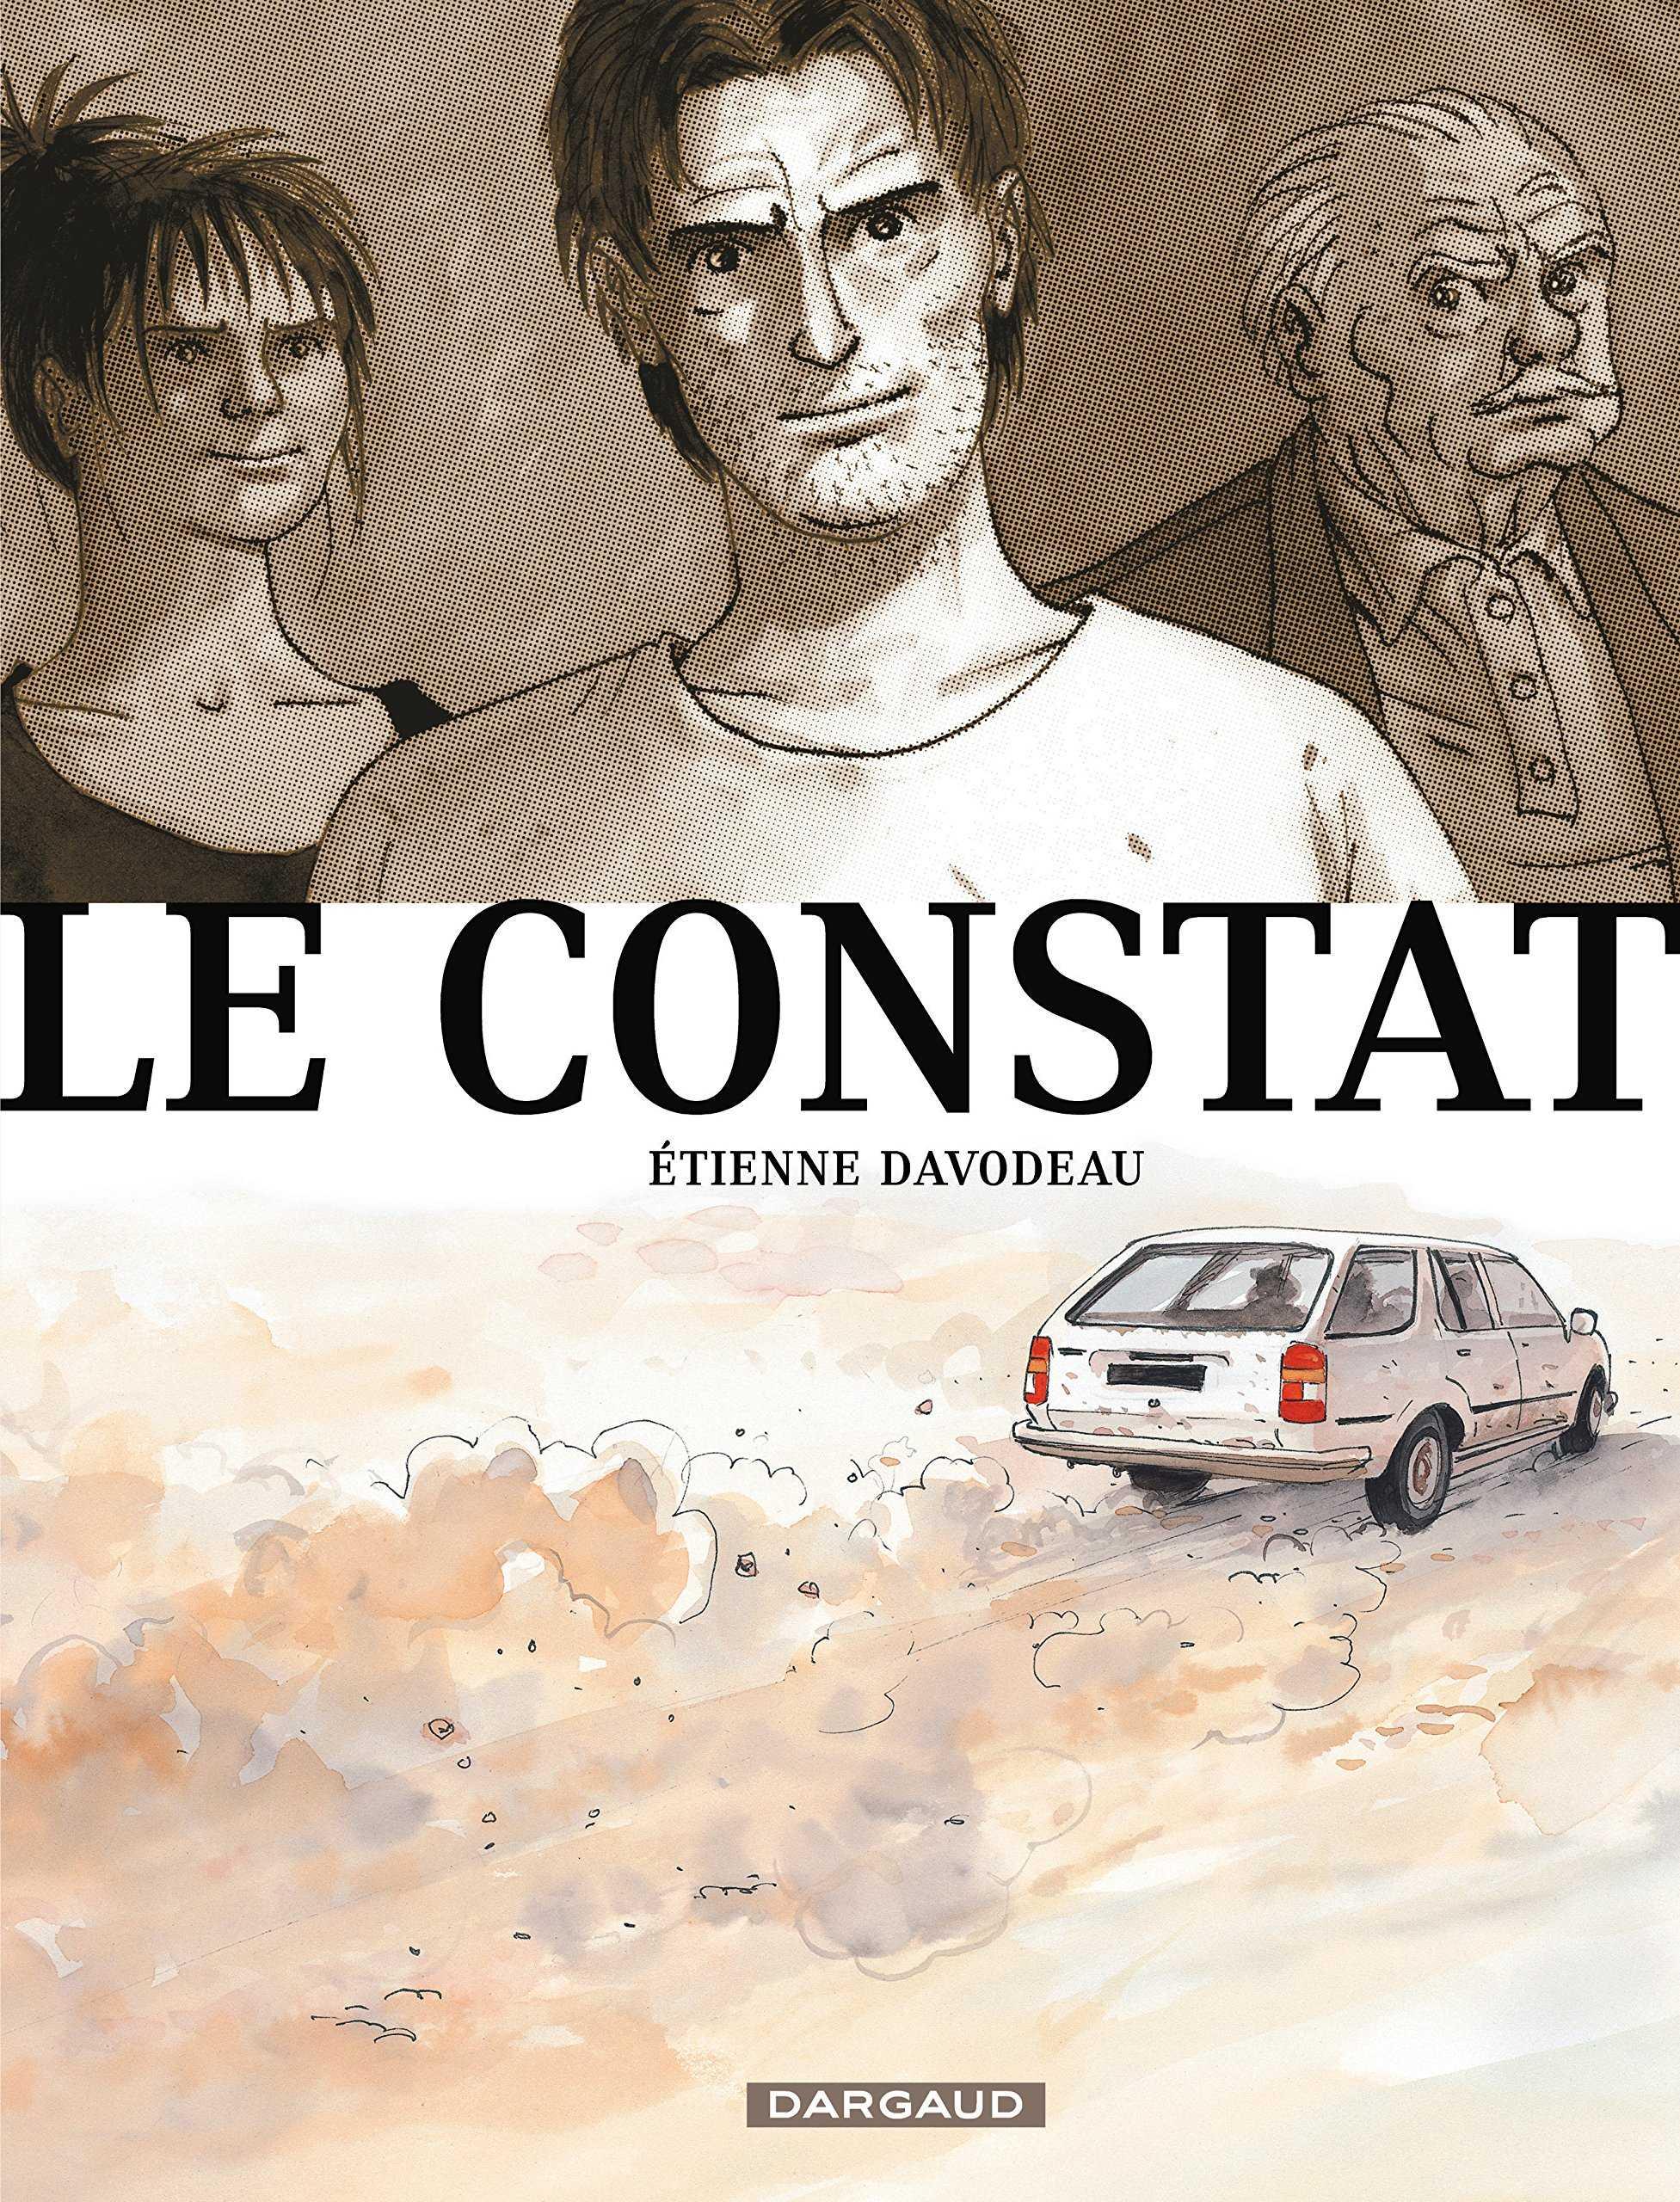 Le Constat, cavale d'un trio improbable